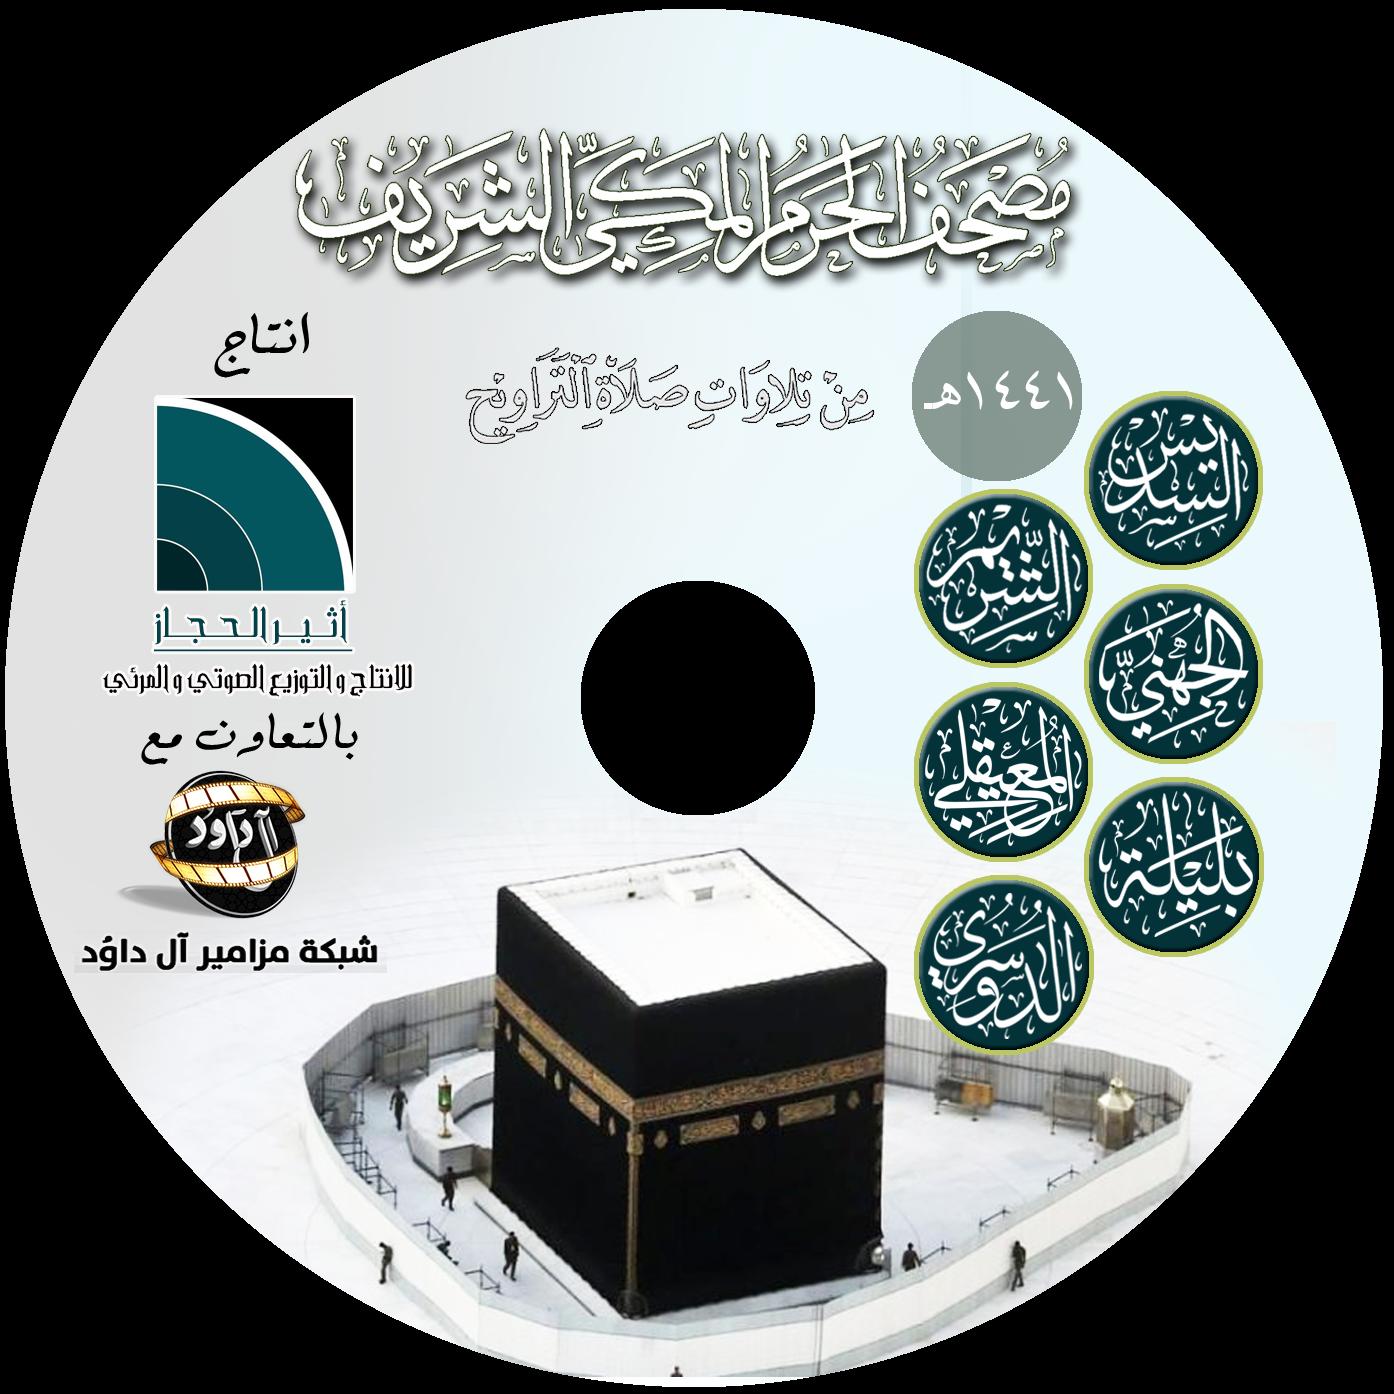 مصحف الحرم المكي 1441هـ